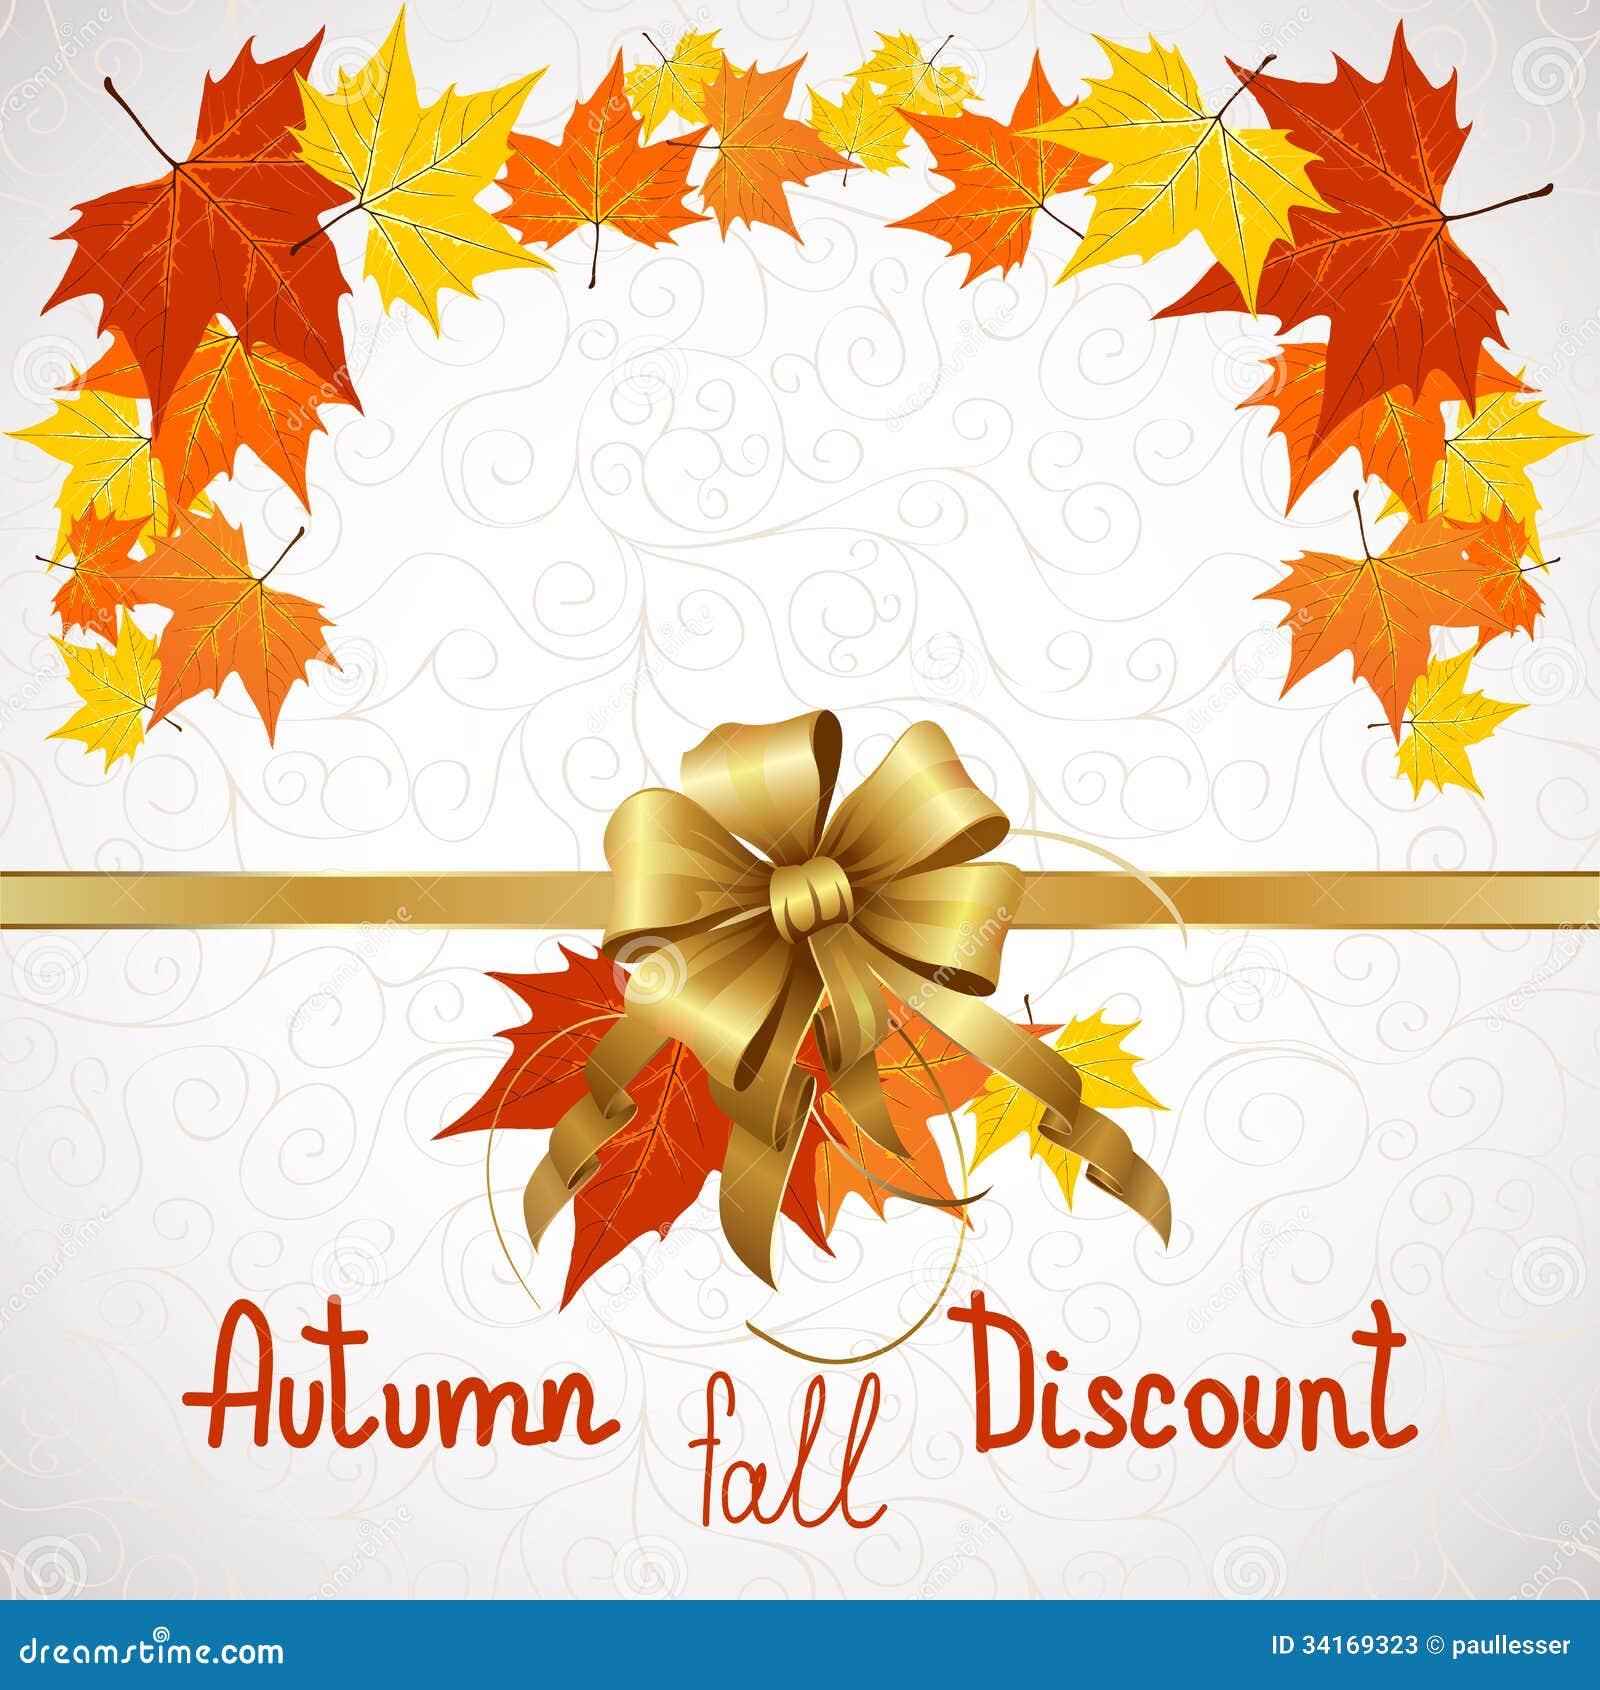 Autumn Fall Of Discount Stock Photos - Image: 34169323